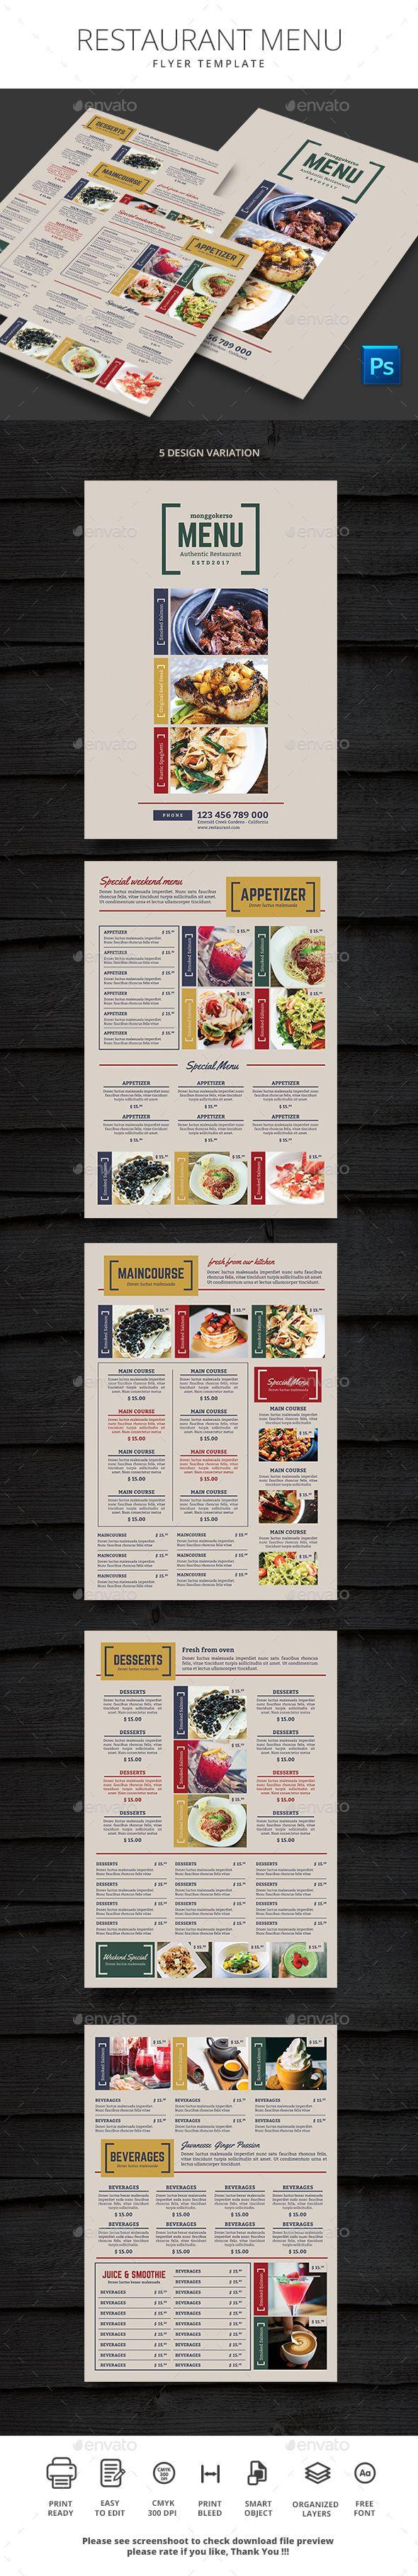 Restaurant Menu | Diseño de negocio, Santa clara y Panaderías